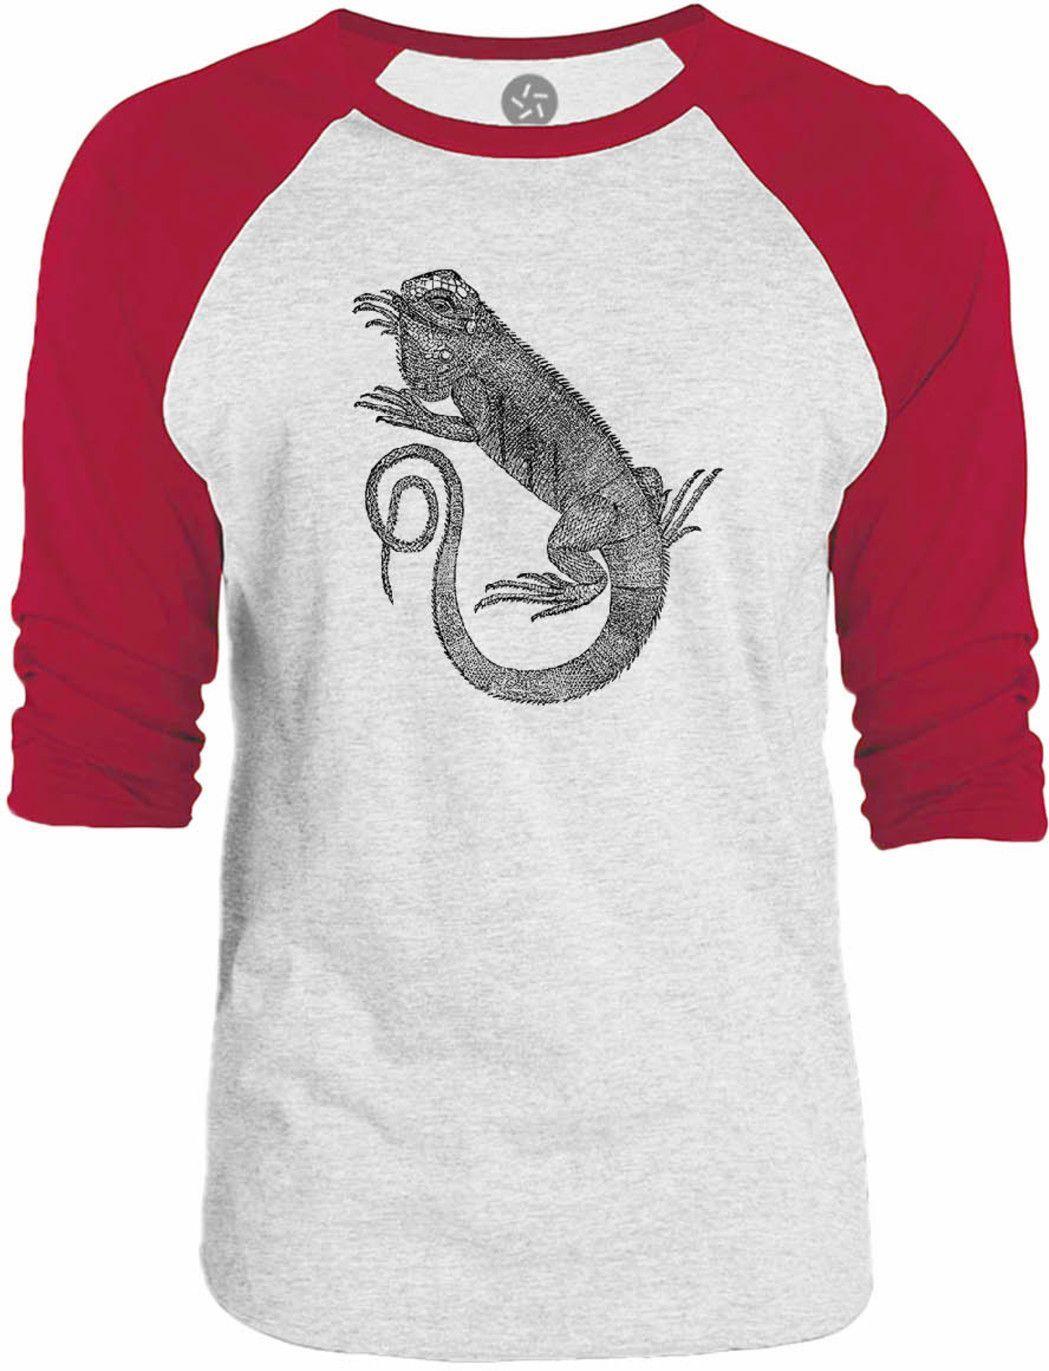 Big Texas Green Iguana 3/4-Sleeve Raglan Baseball T-Shirt